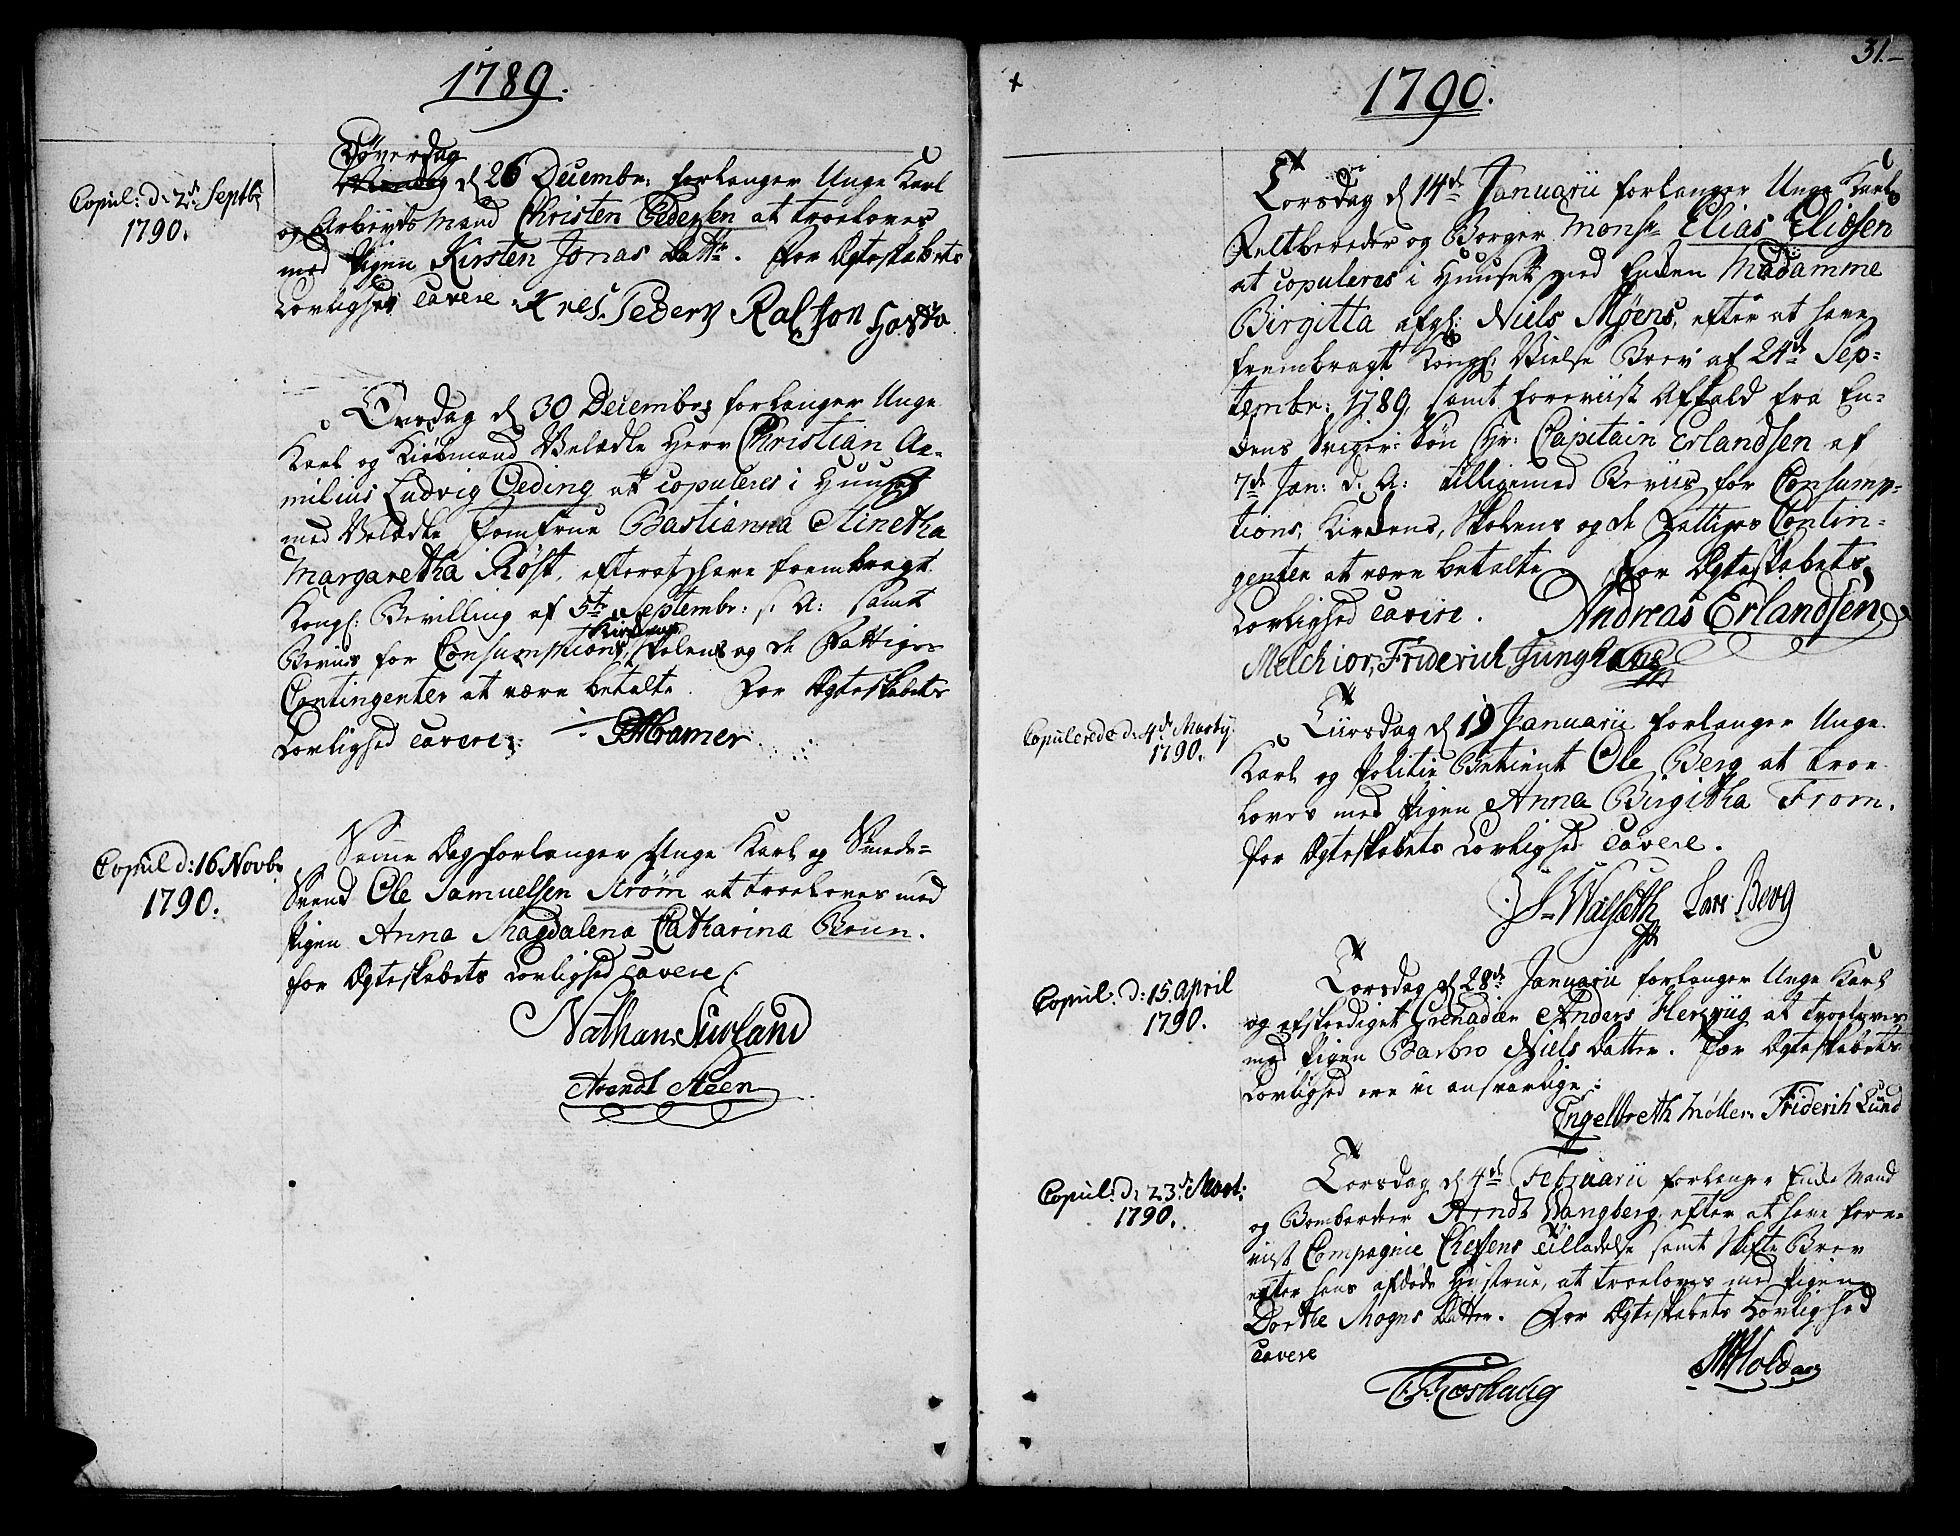 SAT, Ministerialprotokoller, klokkerbøker og fødselsregistre - Sør-Trøndelag, 601/L0041: Ministerialbok nr. 601A09, 1784-1801, s. 31